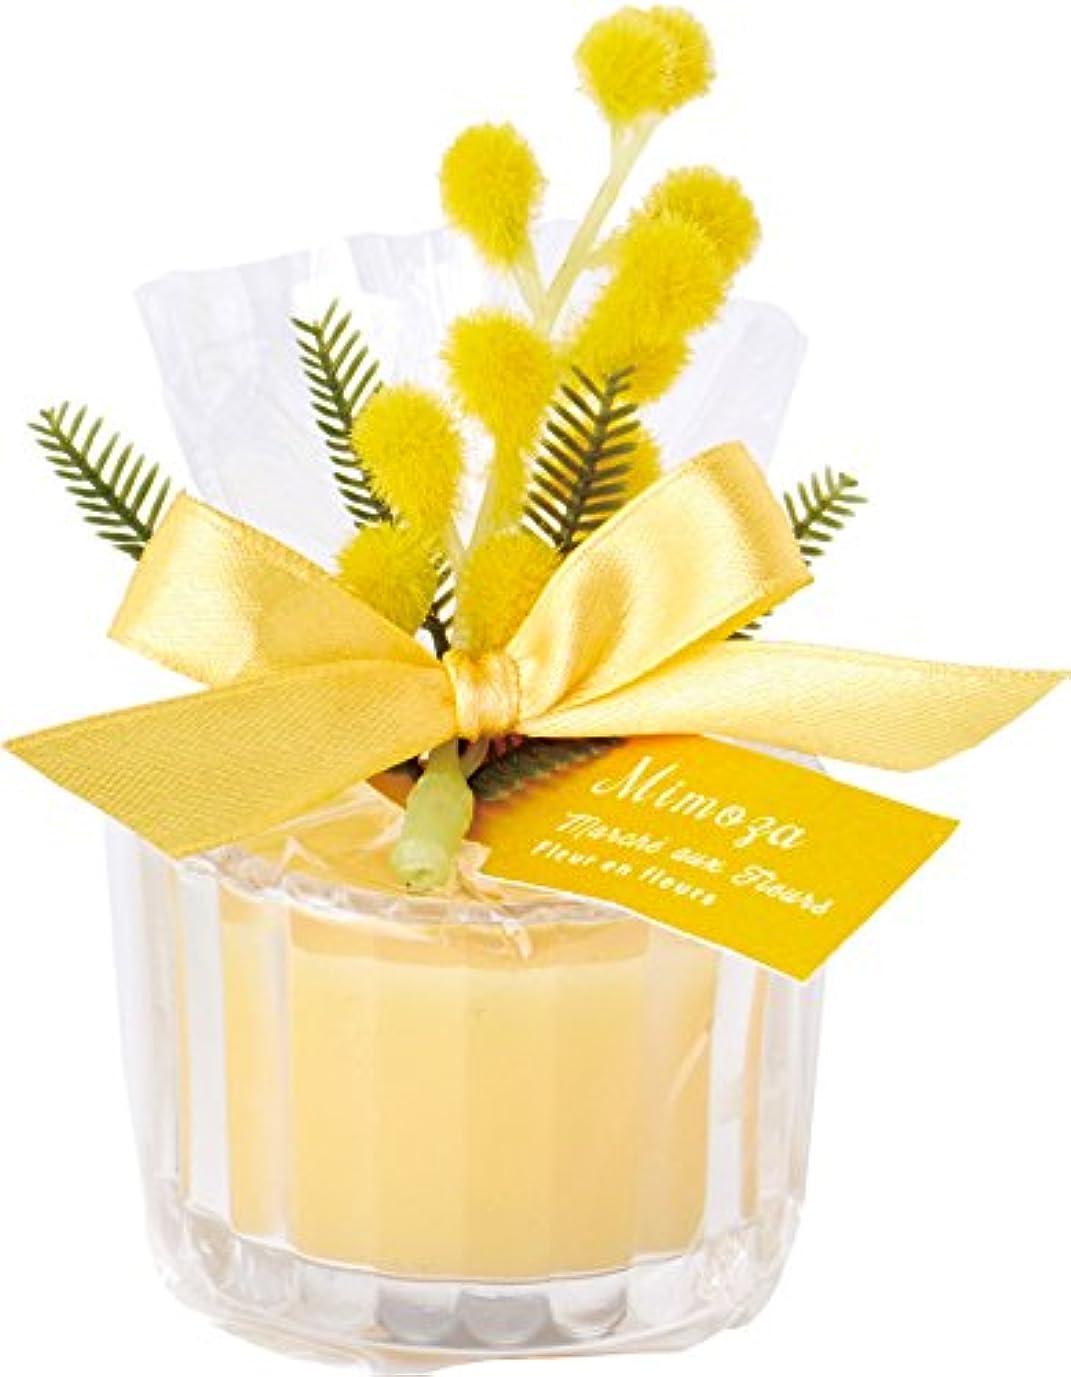 ルビークライストチャーチ泣いているカメヤマキャンドルハウス フルールマルシェ ミニグラスキャンドル ミモザ (サンシャインフローラルの香り)